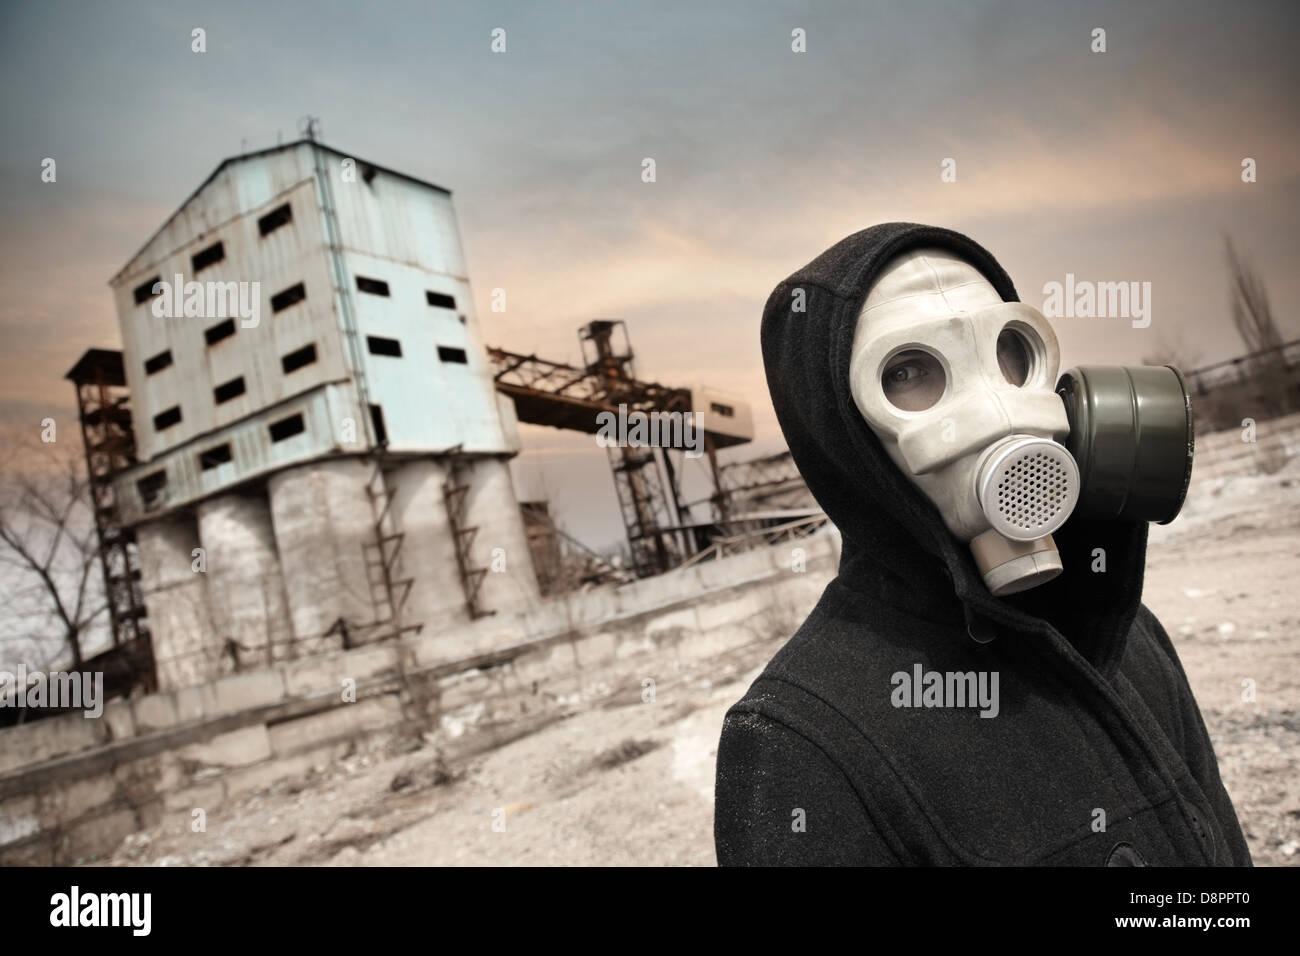 Umano nella maschera a gas all'aperto e fabbrica industriale su uno sfondo Immagini Stock